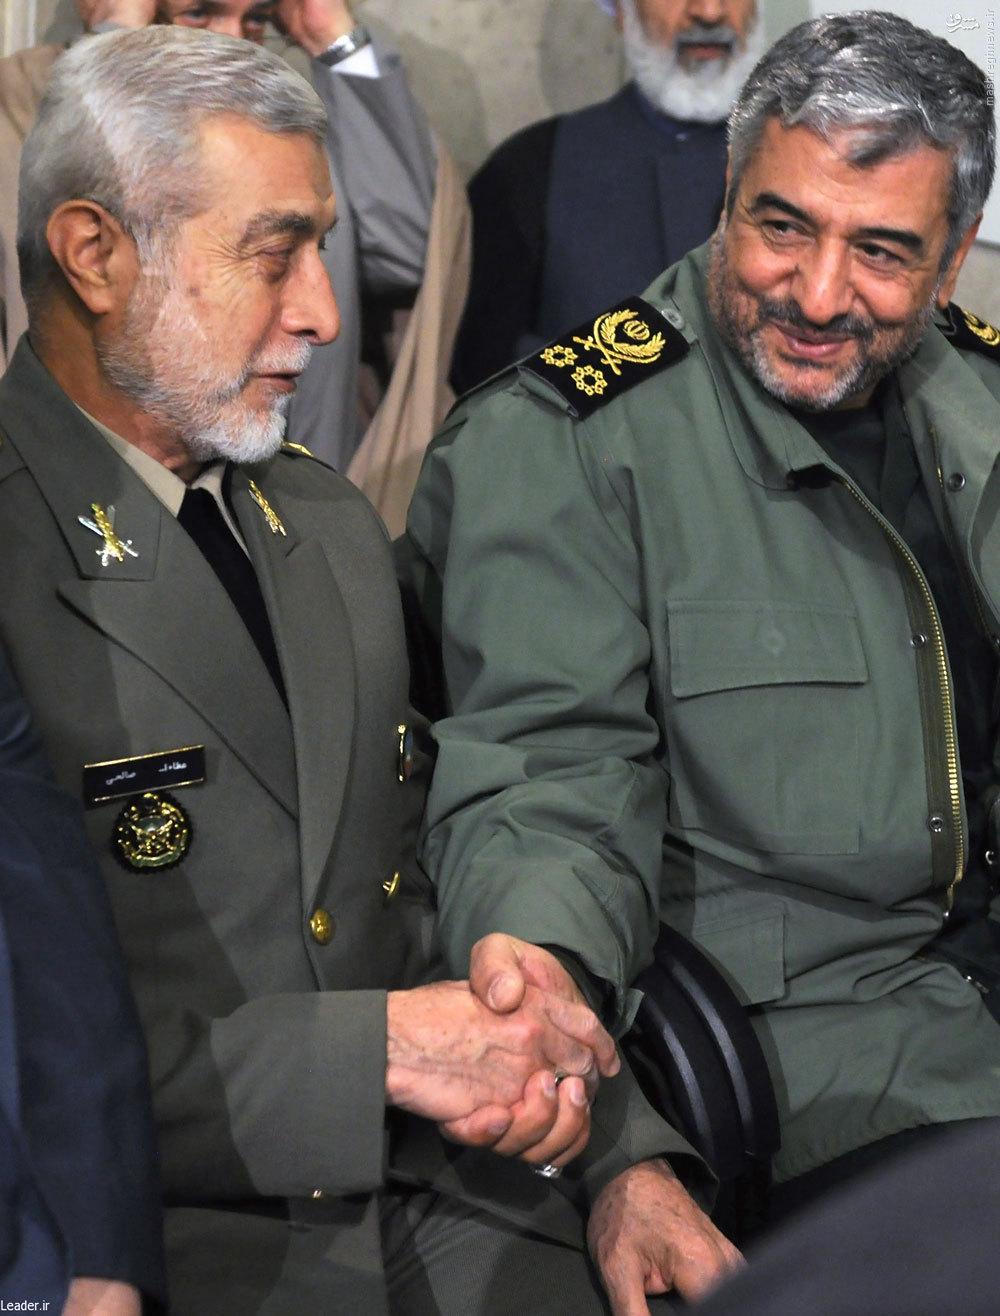 عکس/ خوش و بش فرماندهان کل سپاه و ارتش